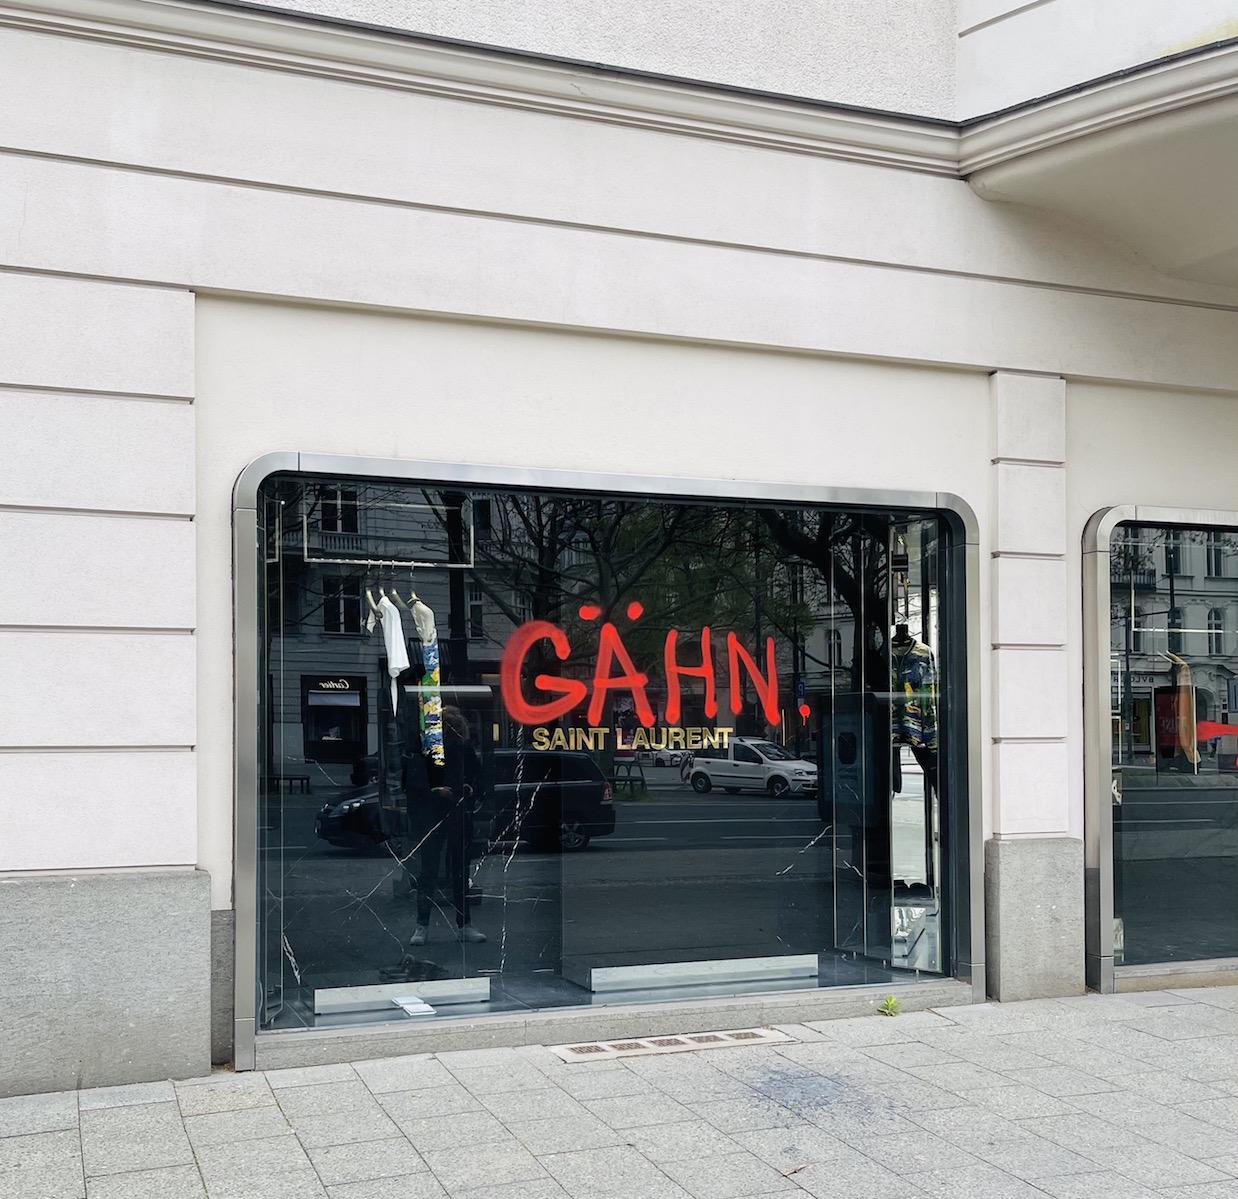 Berlin kurfüstendamm Schaufenster der nobelboutiquen Yves saint laurent